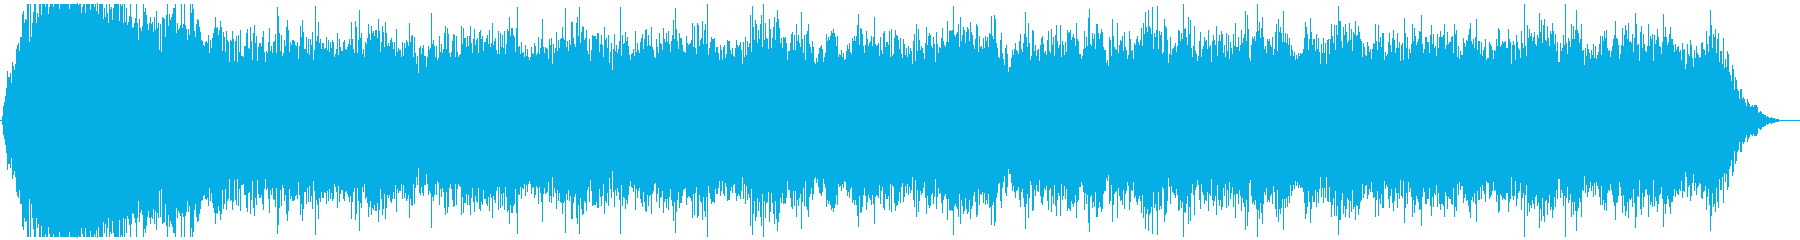 ドローン M ノイズ01の再生済みの波形